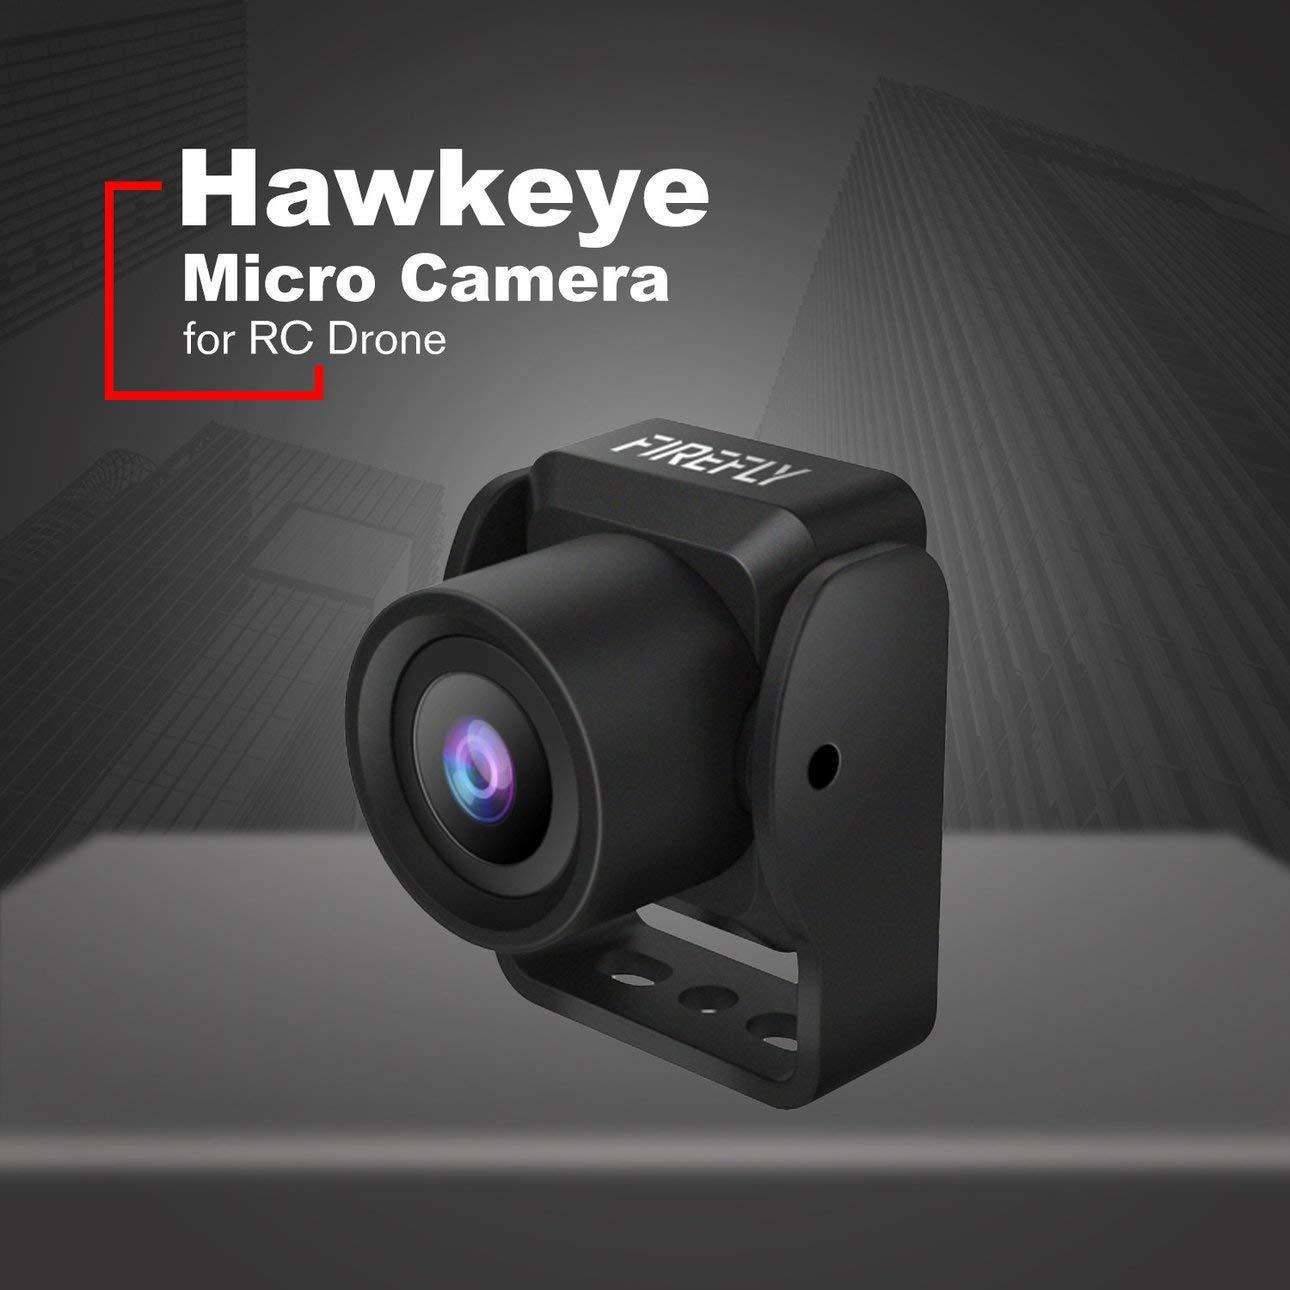 Ballylelly Accessori RC Drone Hawkeye 960H TVL AIO NTSC Pal FPV Microcamera Mini Cam con Obiettivo 2.1mm 200mw 72CH Micro FPV Trasmettitore per RC Racing Drone